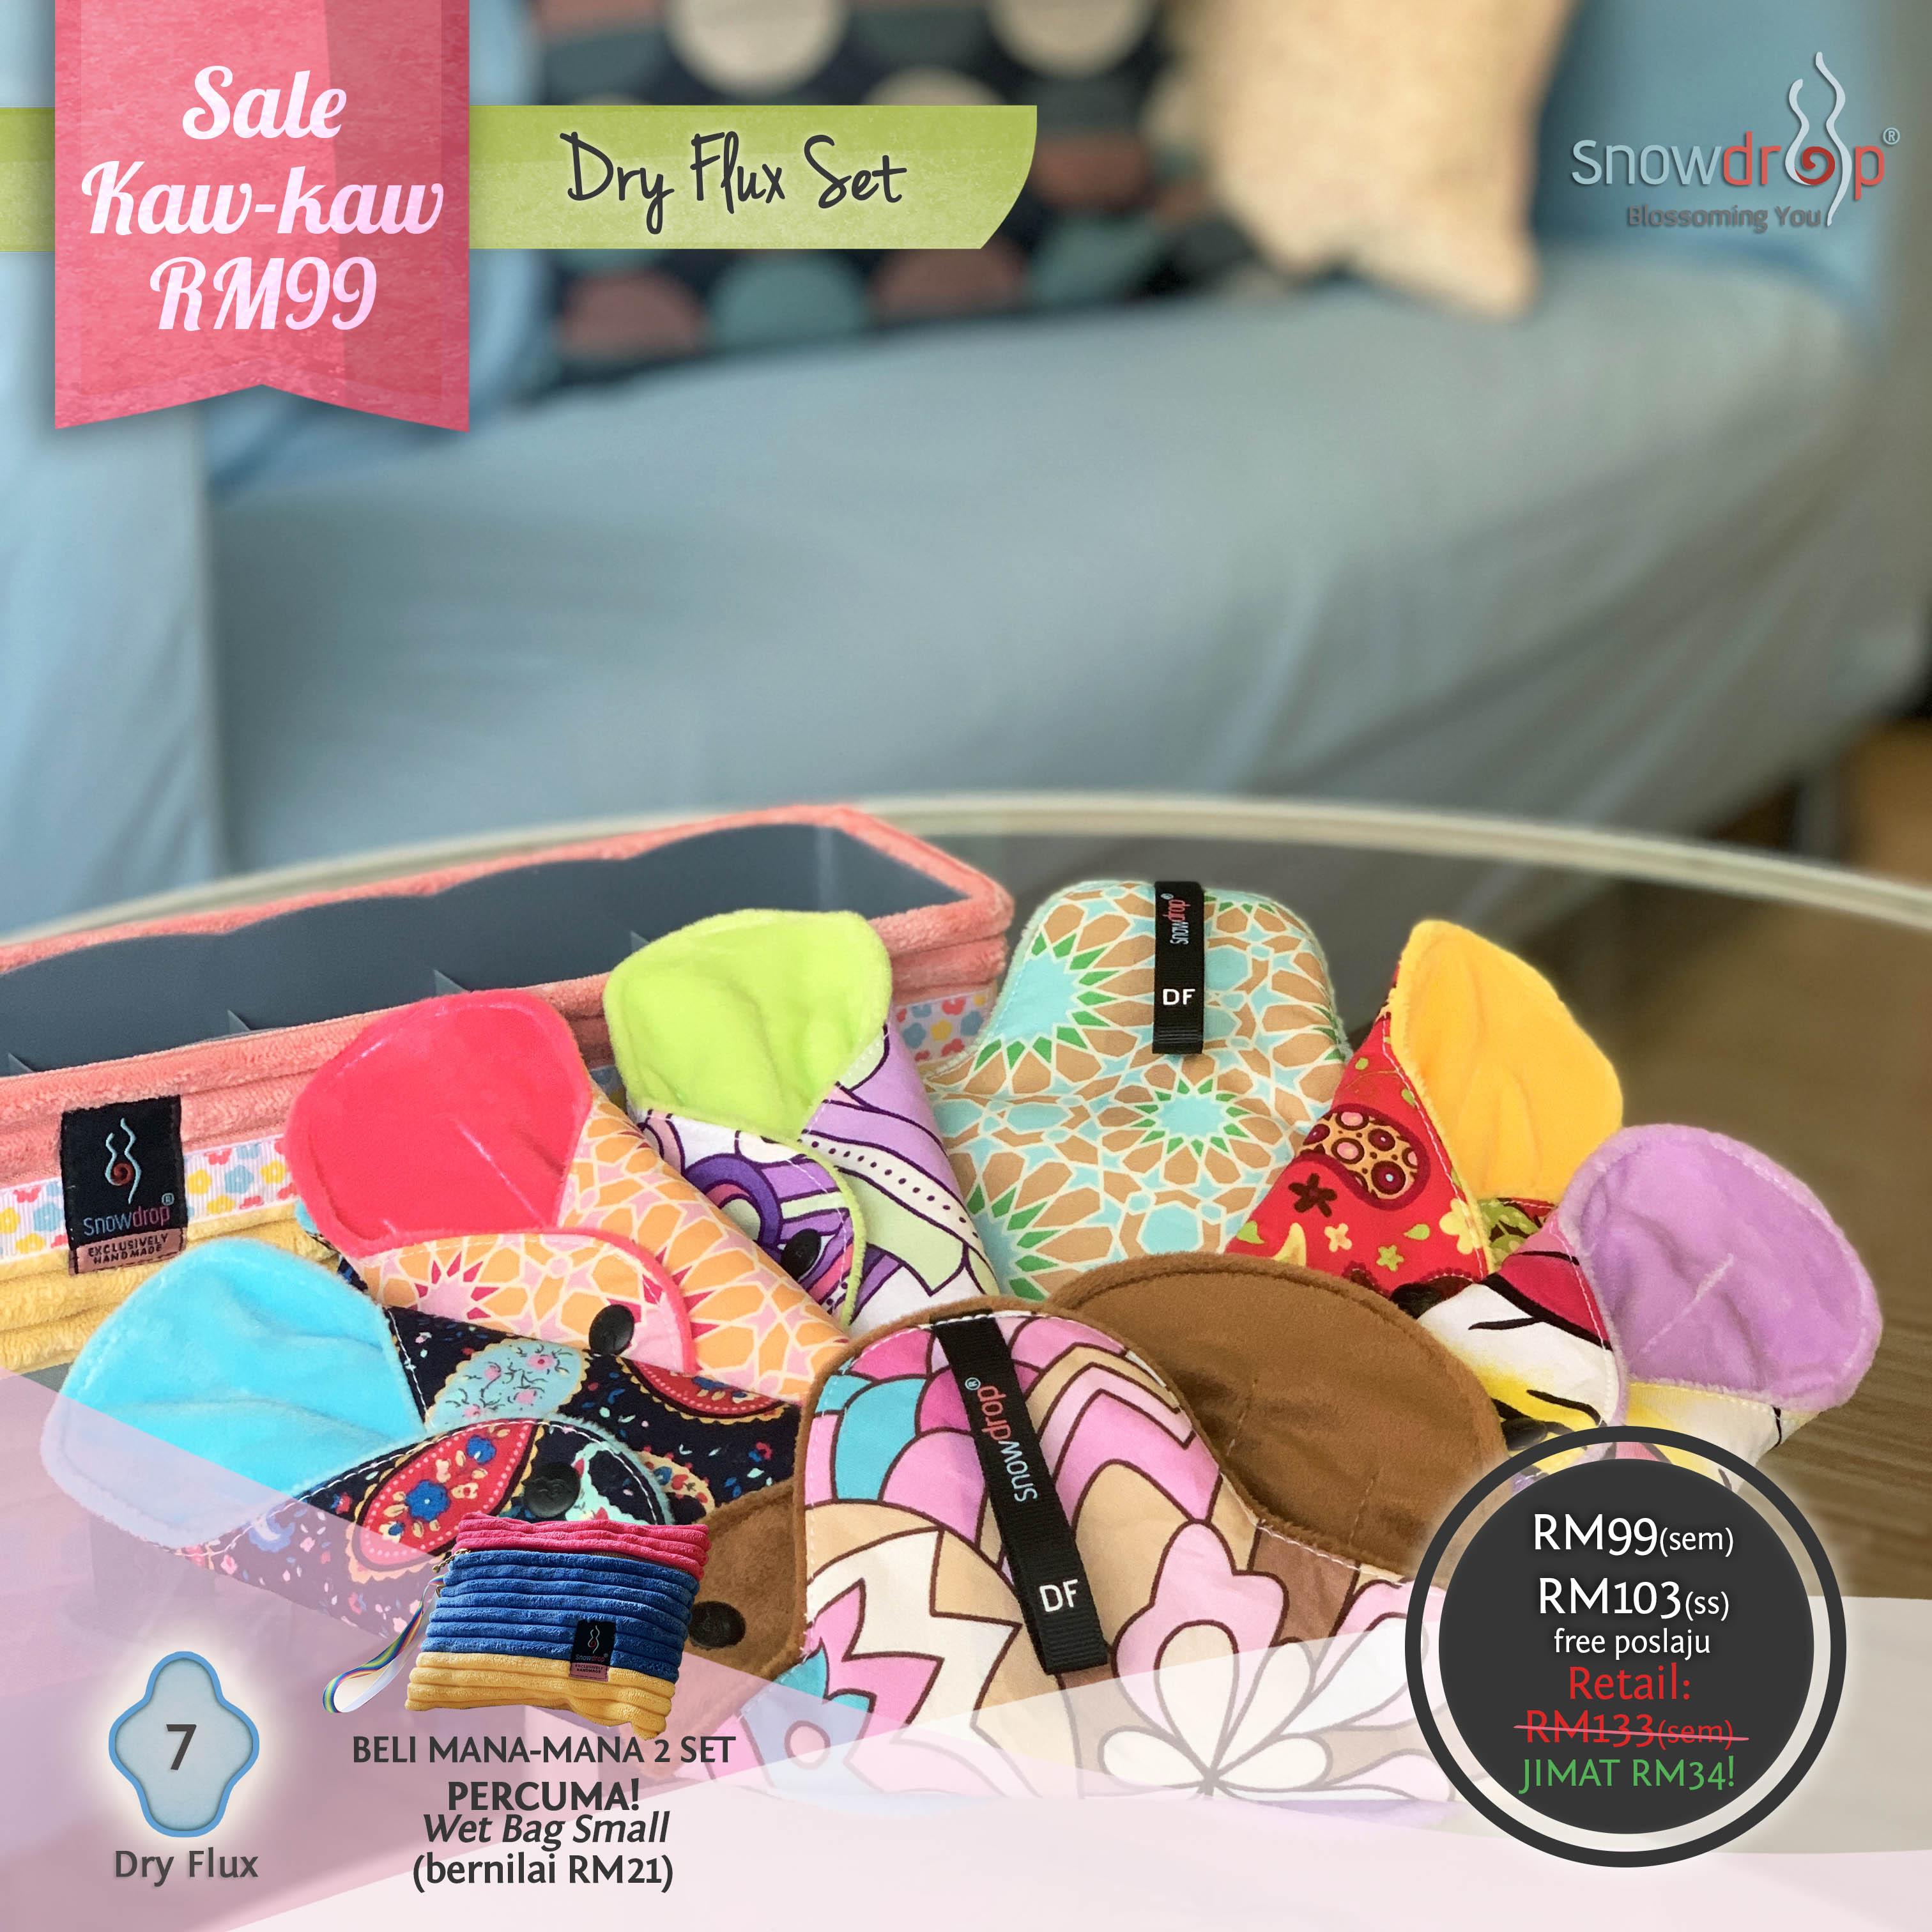 Pakej Sale RM99 - Dry Flux Set